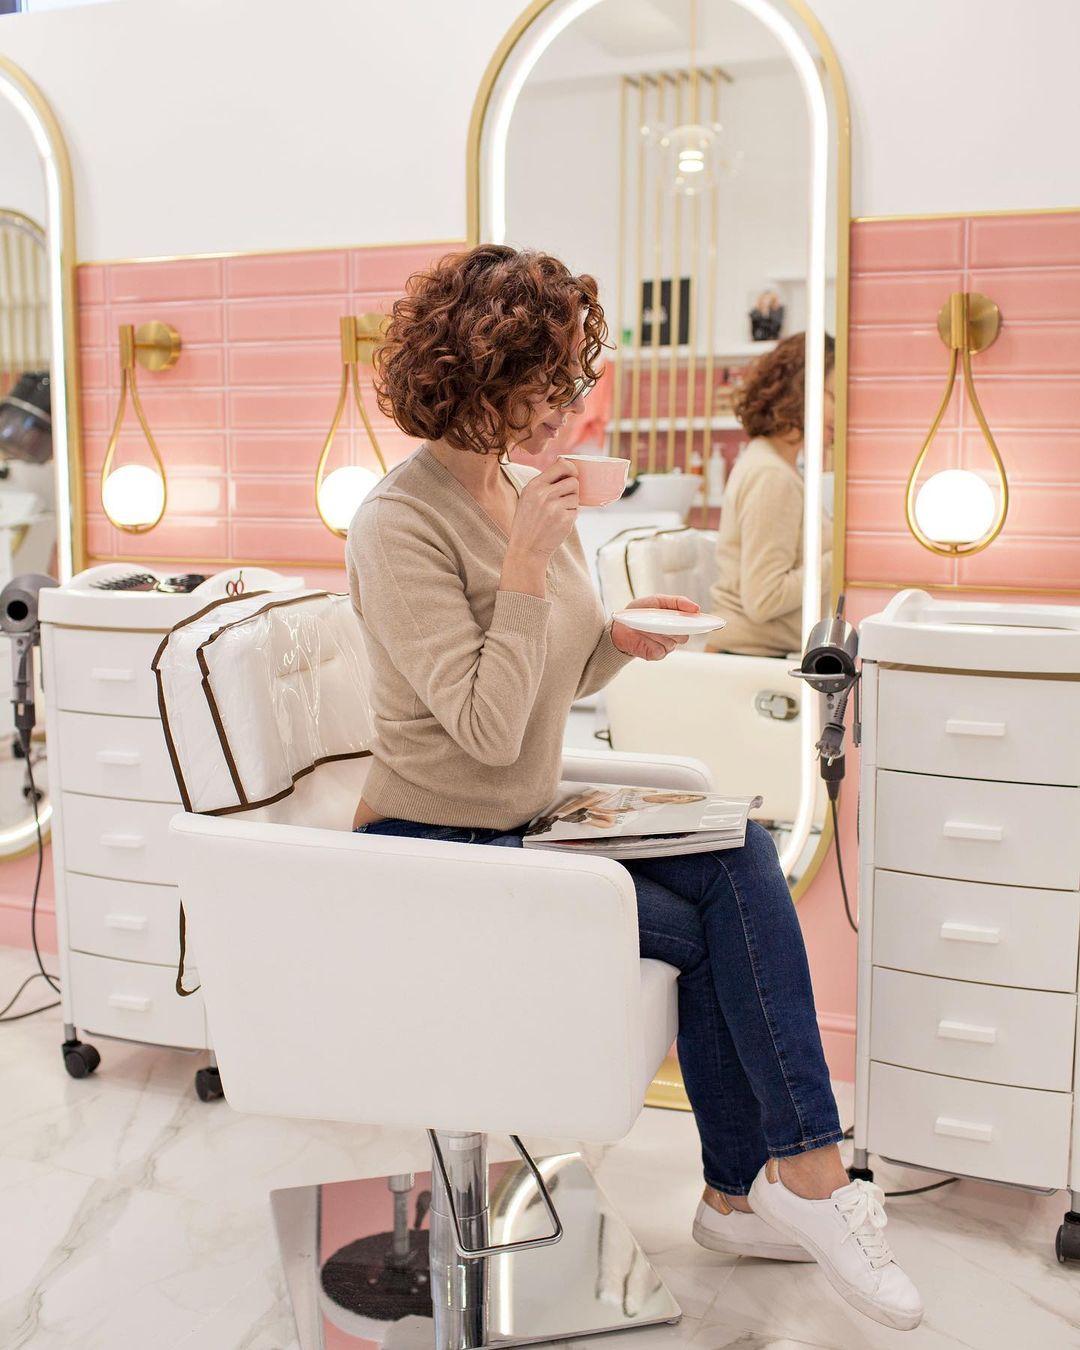 Лечение волос: Какие витамины особенно нужны вашим волосам?  Мы знаем, что рост и особенно выпадение...